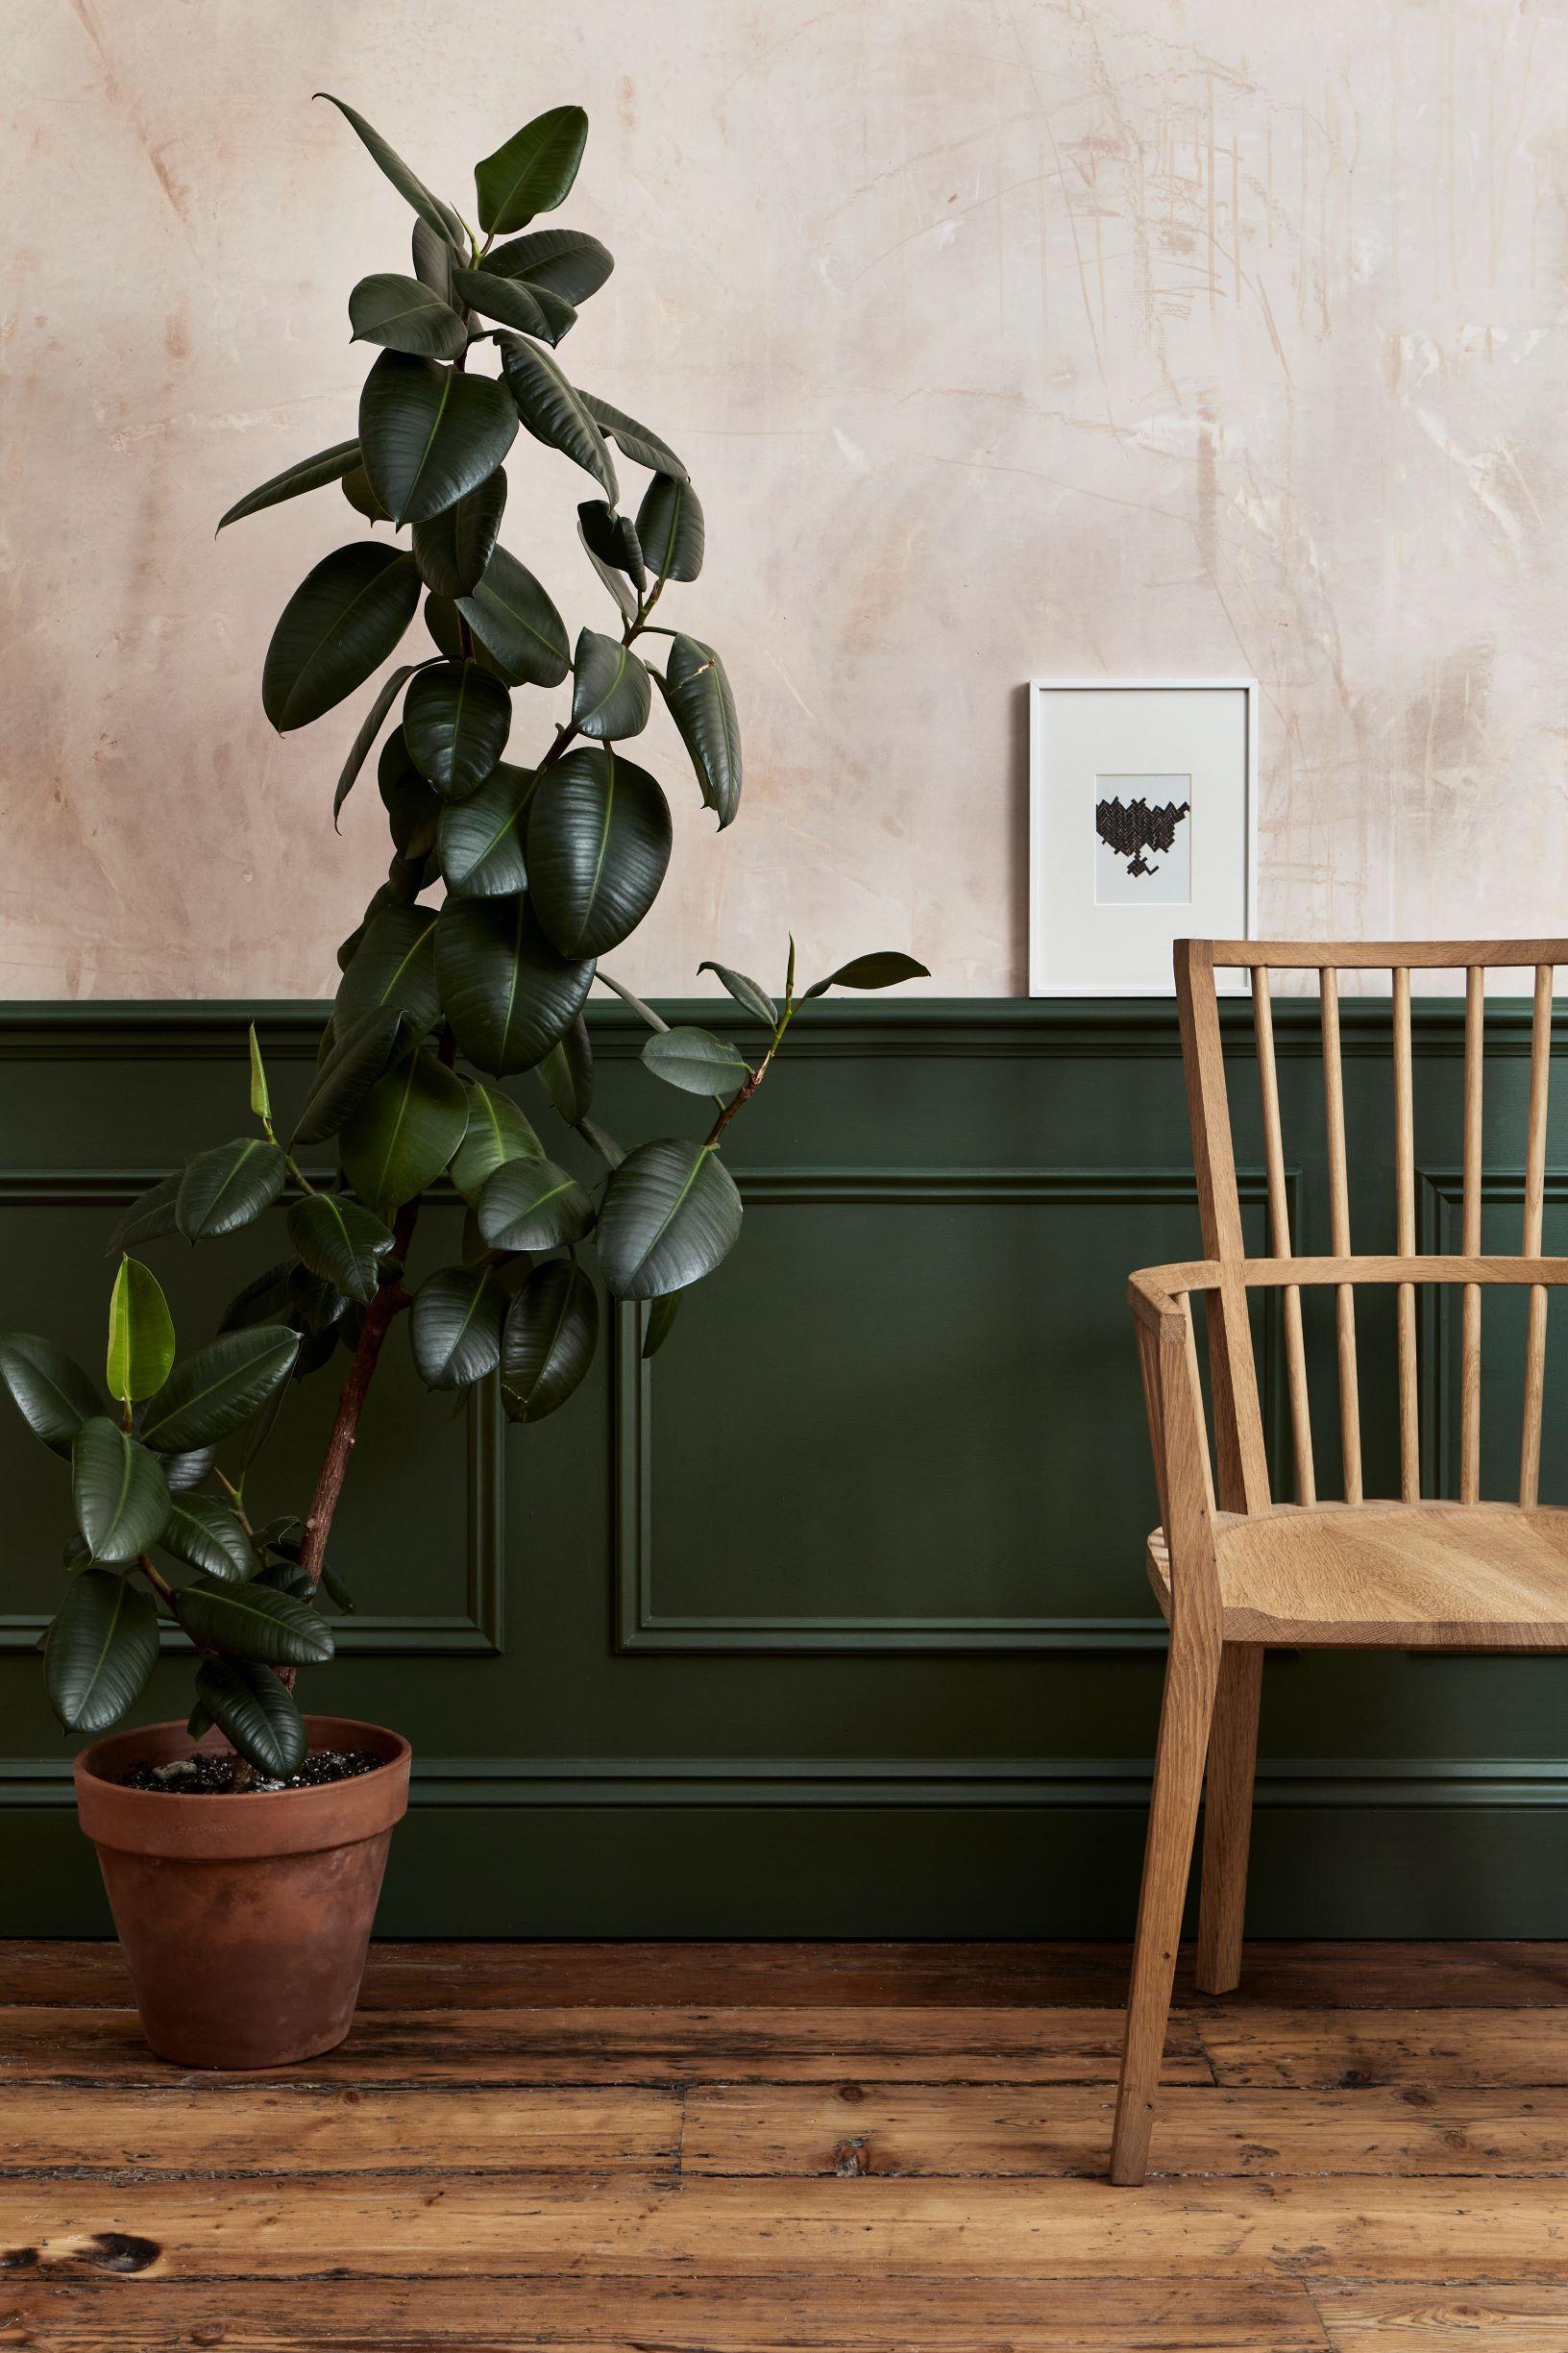 外國很流行將房間的牆身油成墨綠色,配搭原木色傢俬有種清新送爽的感覺